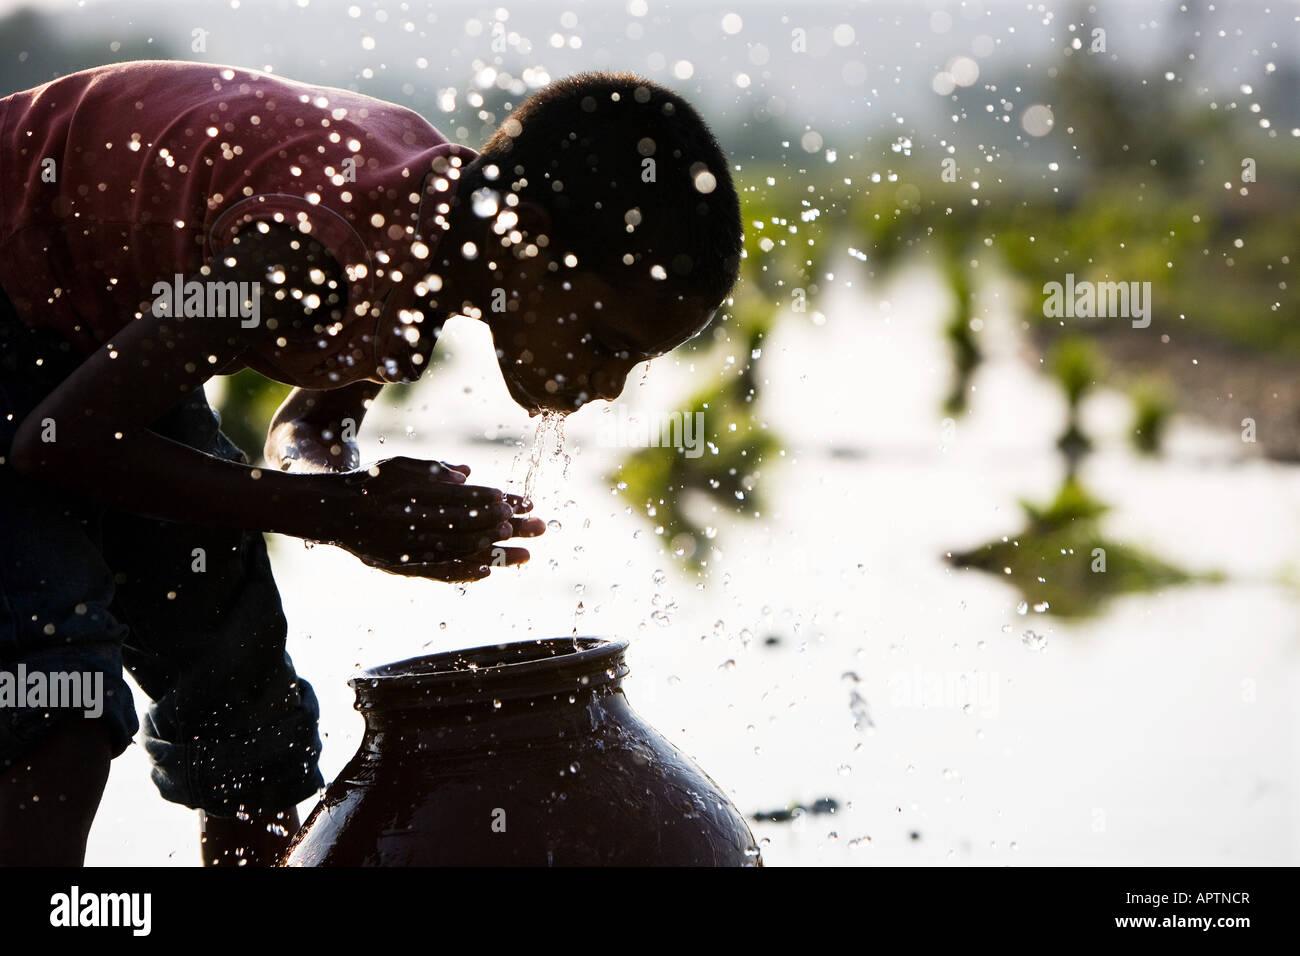 Silhouette di un rurale villaggio indiano boy volto di lavaggio da una pentola di creta accanto a un risone campo. Immagini Stock